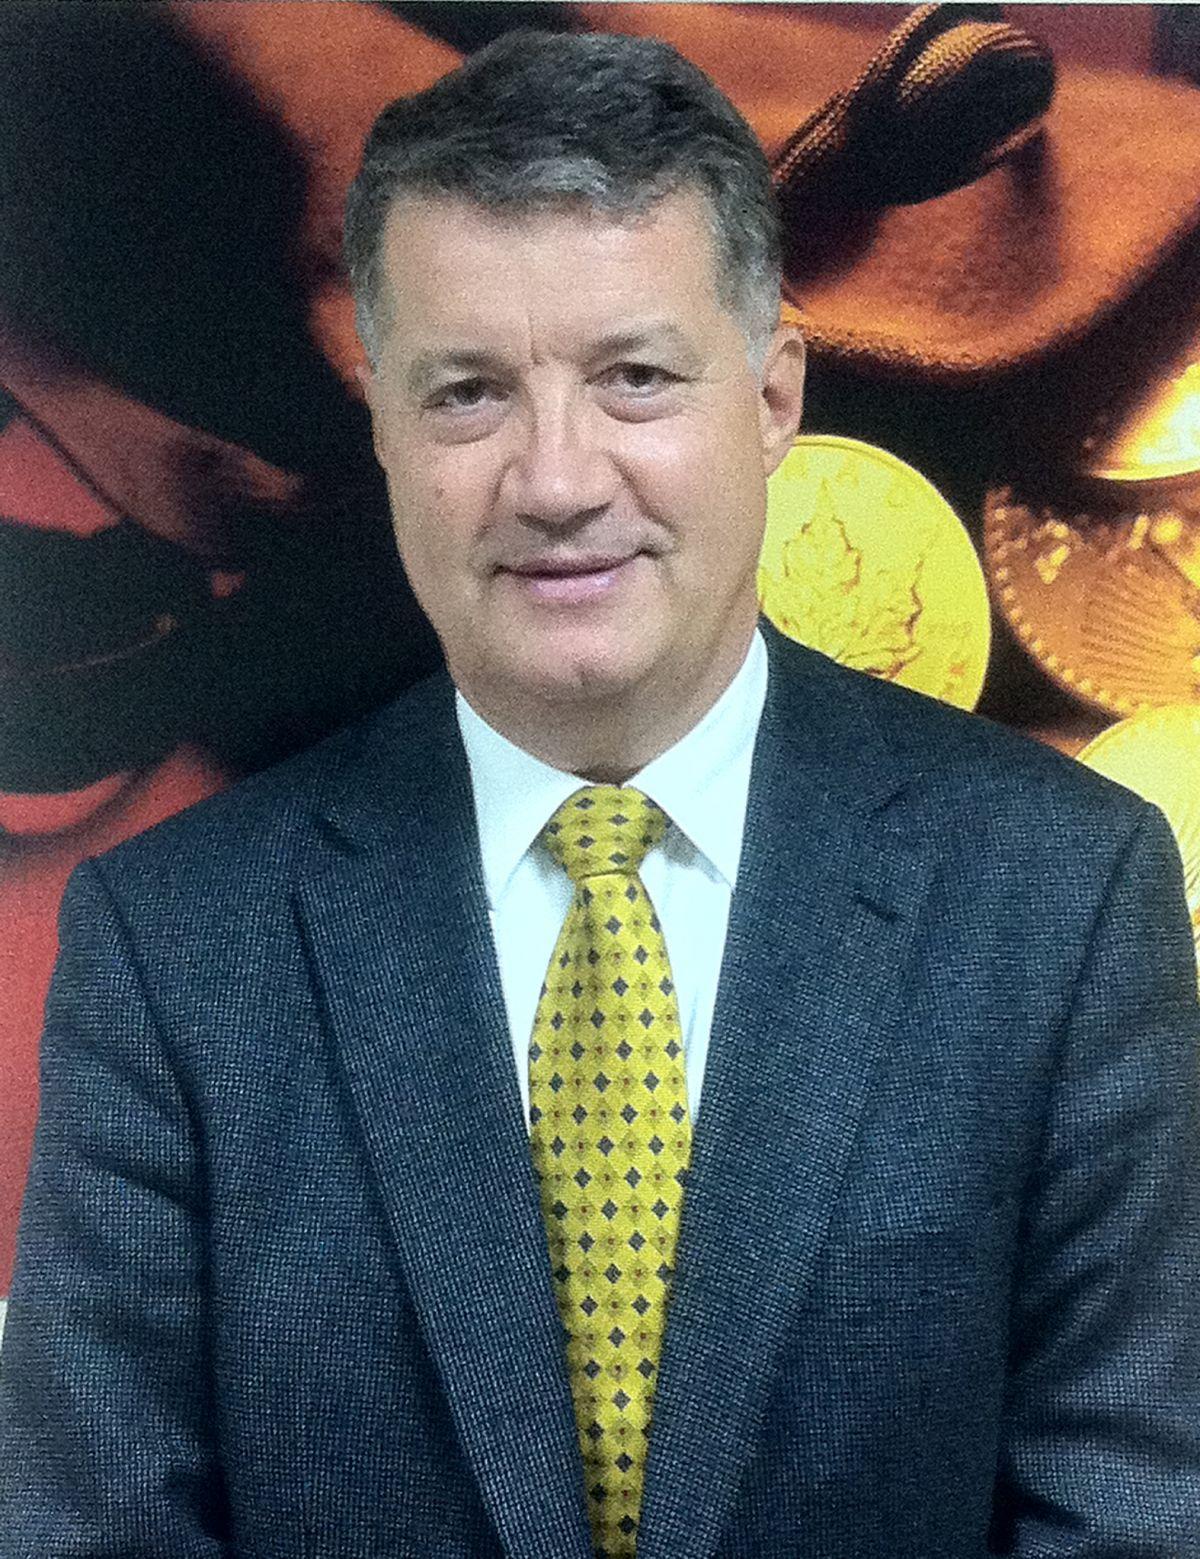 ljuba jakić: Od kada smo mi krenuli  sa ovim poslom u Srbiji 2013. godine,  cena zlata je porasla za preko 80 %,  a prava recesija tek dolazi  i ima prognoza da će cena rasti  i dalje na preko 250 %  u narednih nekoliko godina